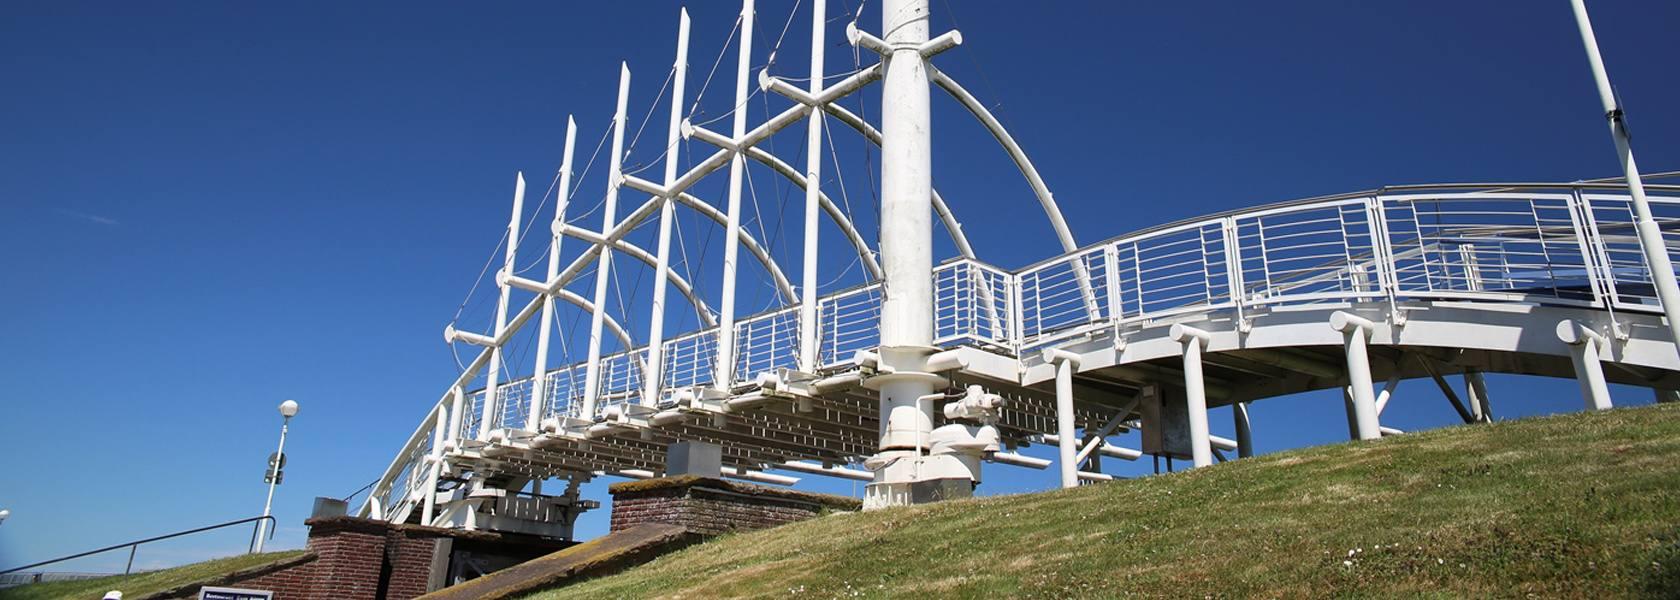 Deichbrücke in Bensersiel, © Tourismusbetrieb Esens-Bensersiel